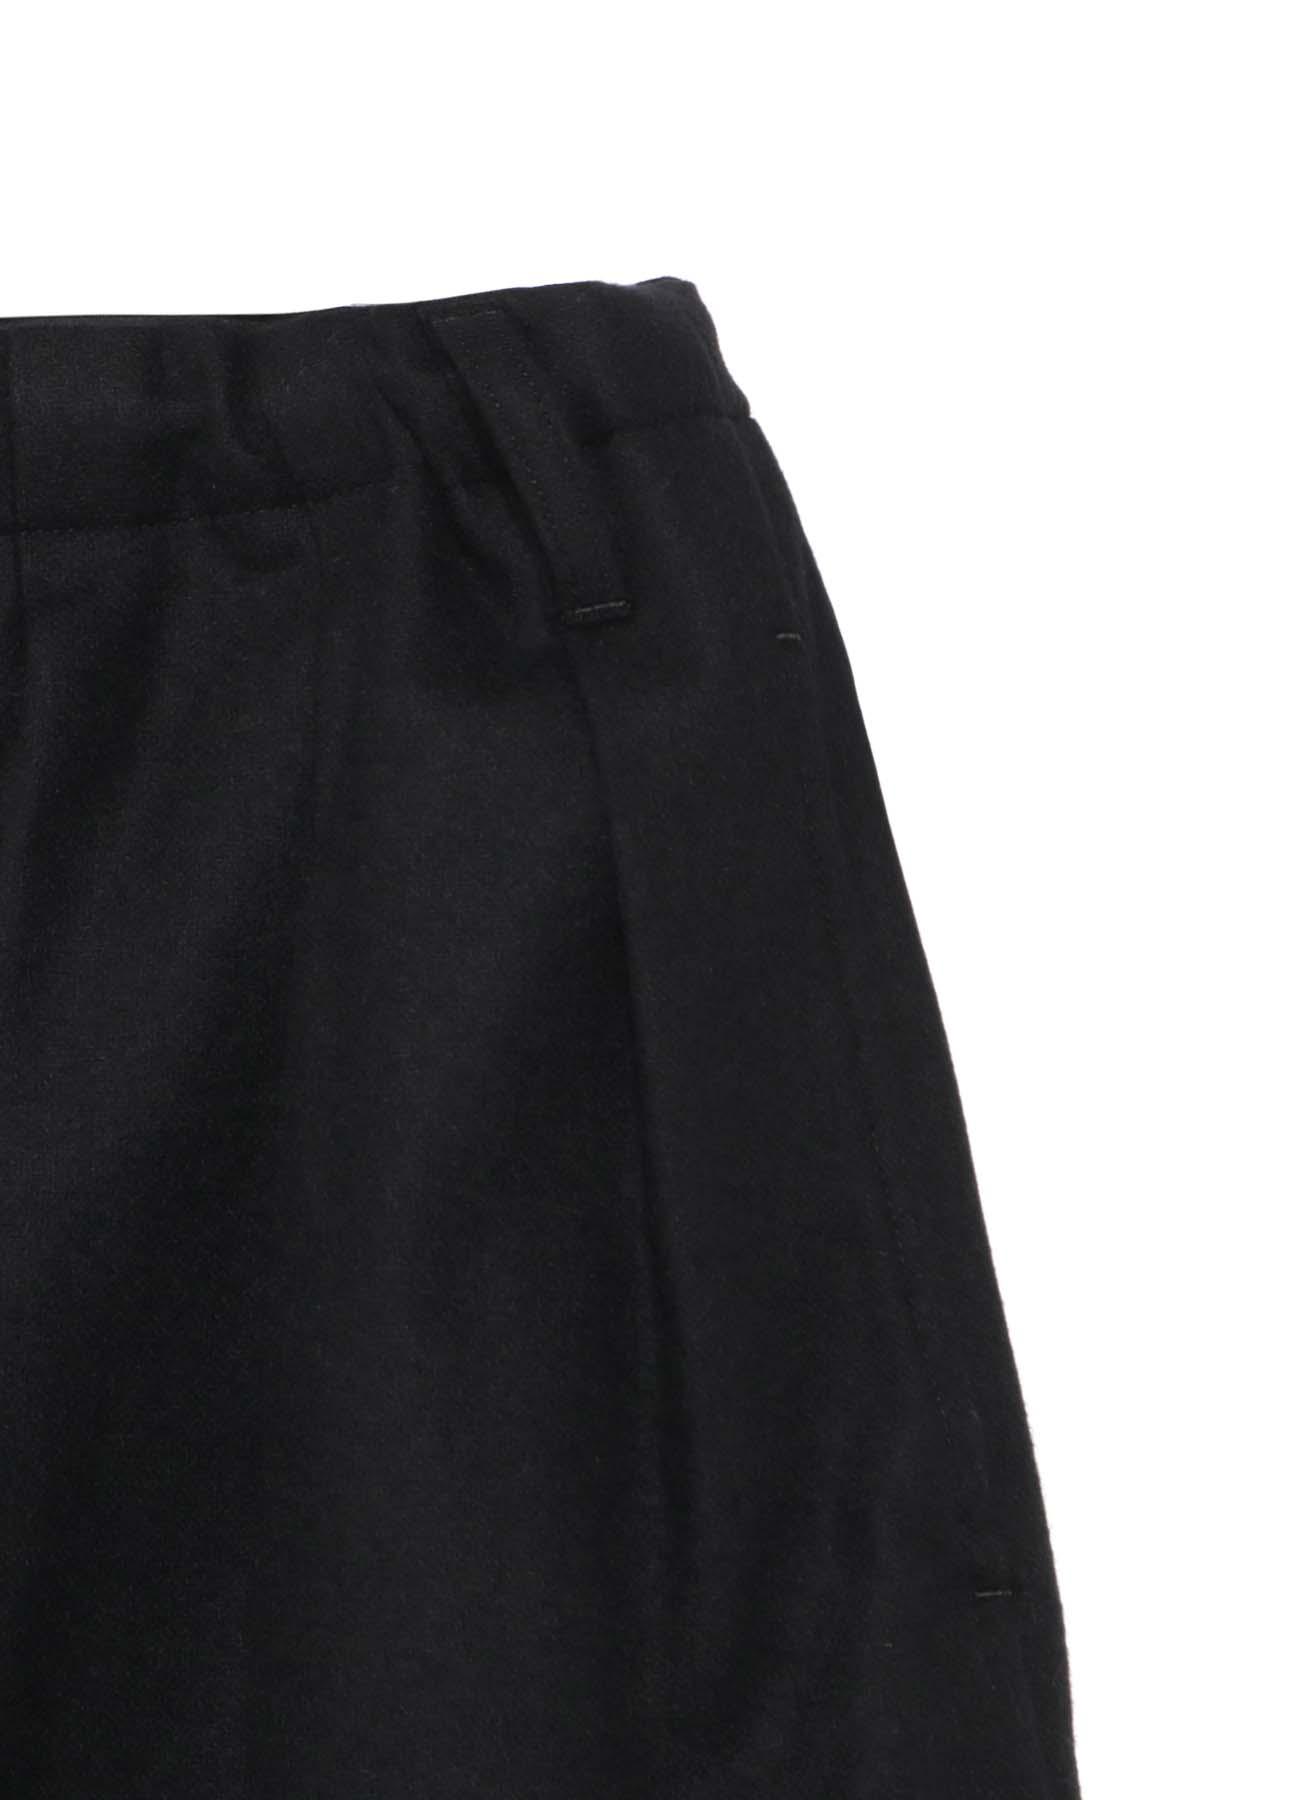 WOOL/NYLON BALLOON PANTS